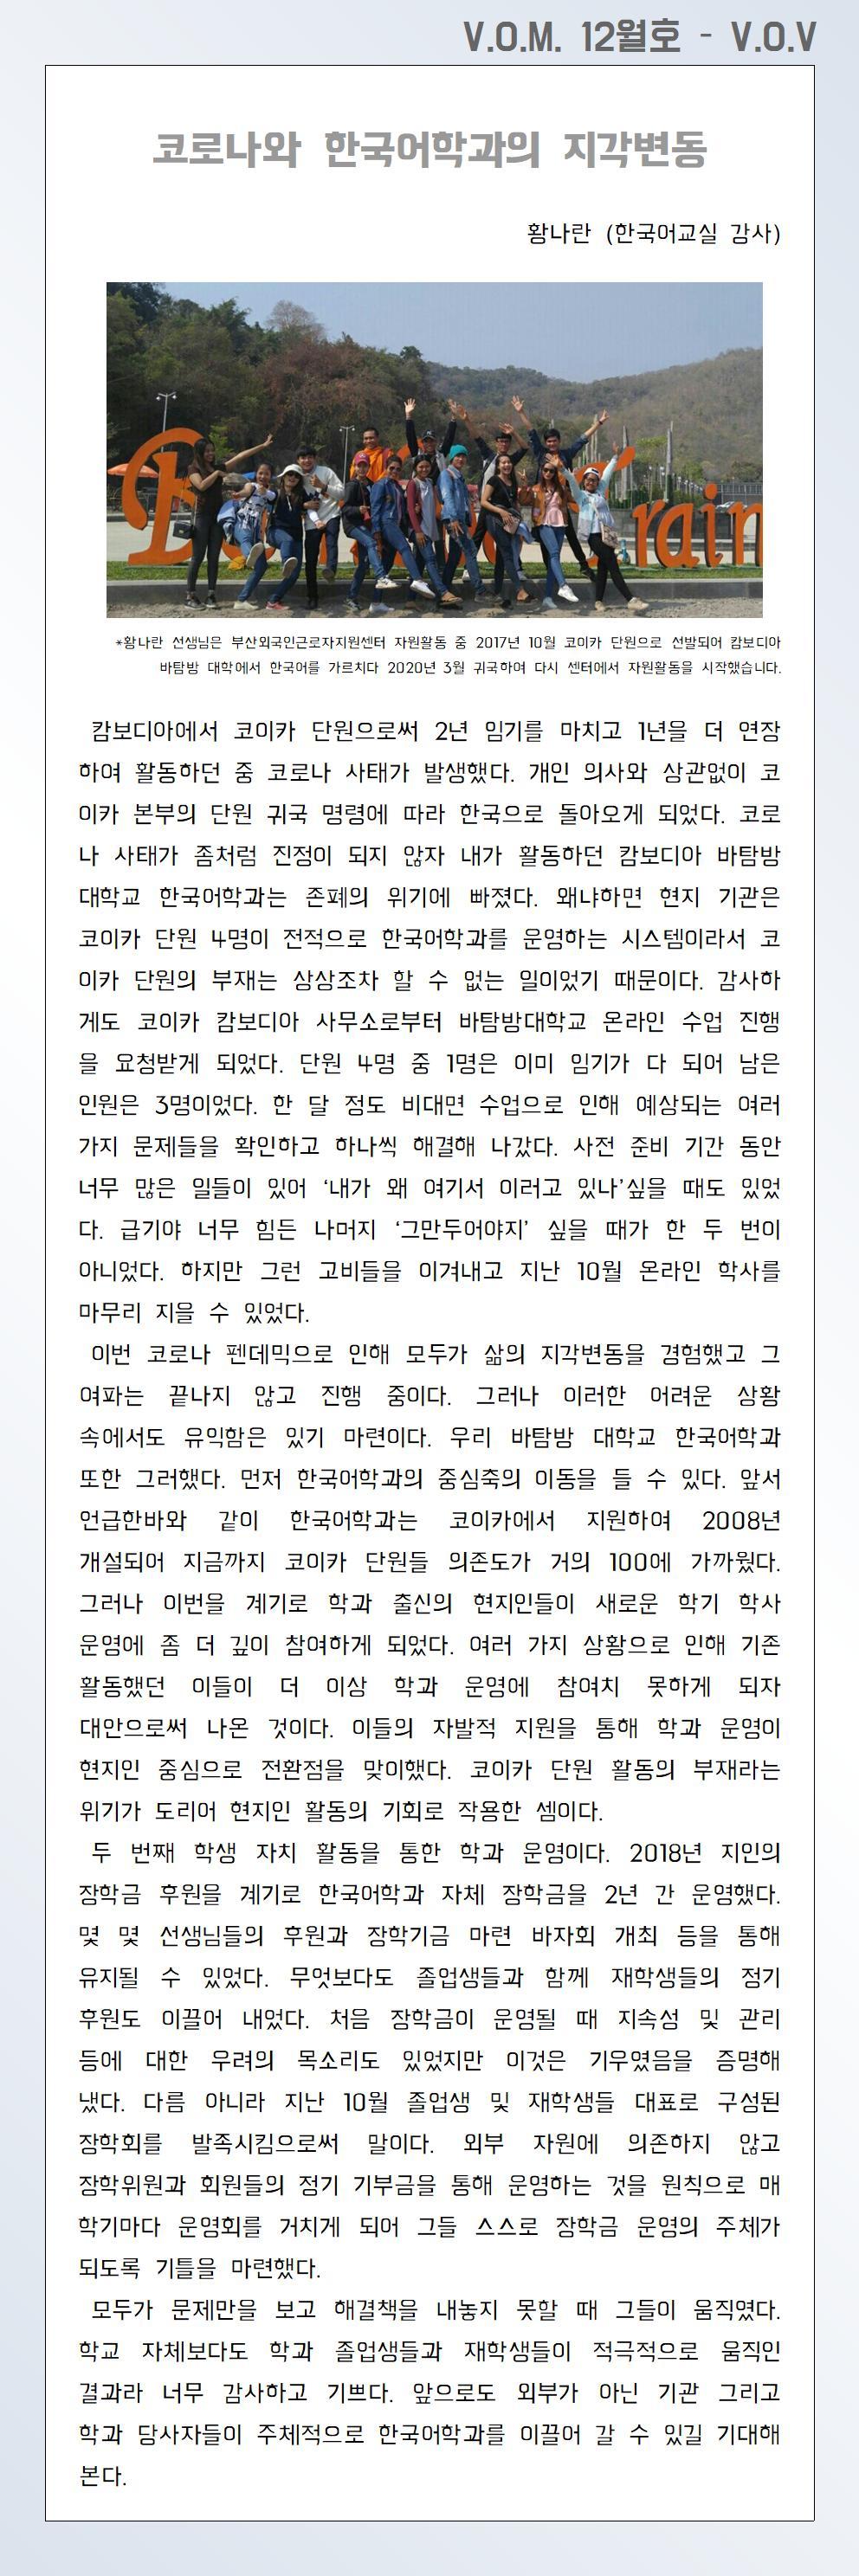 04. VOV - 나란샘 수정001